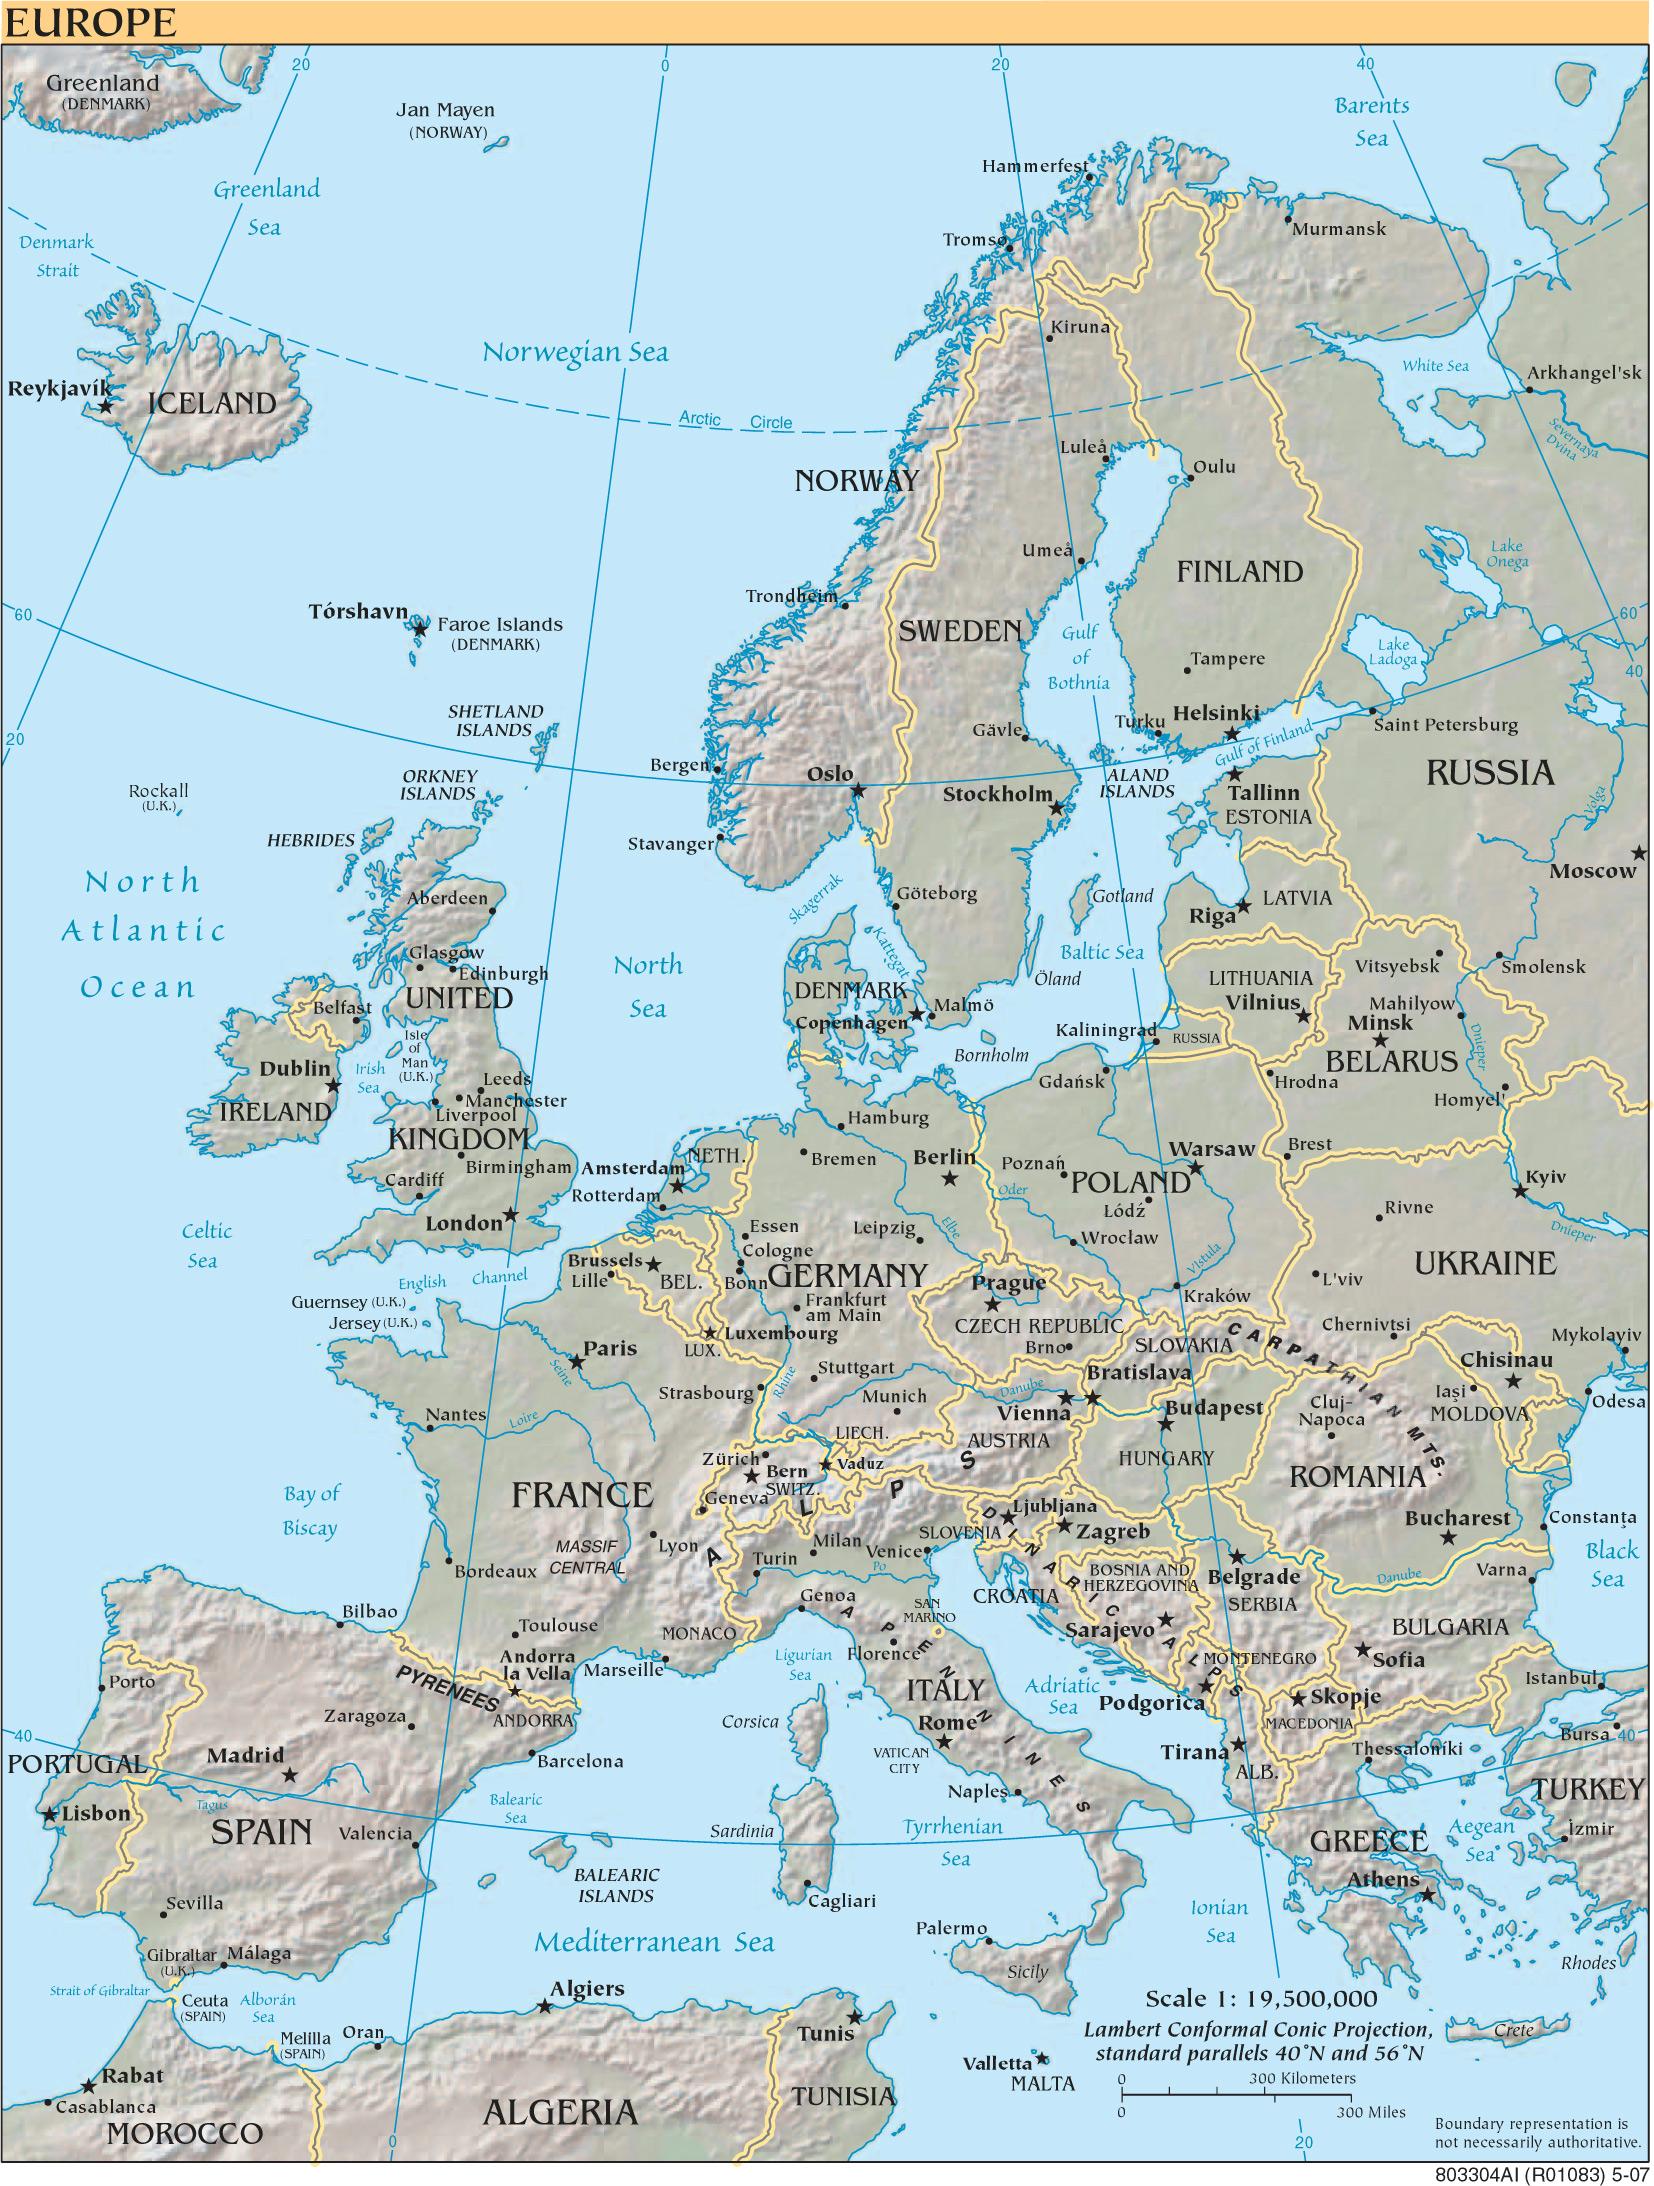 Karte Von Europa Mit Städten.Landkarte Europa Landkarten Download Europakarte Europa Landkarte